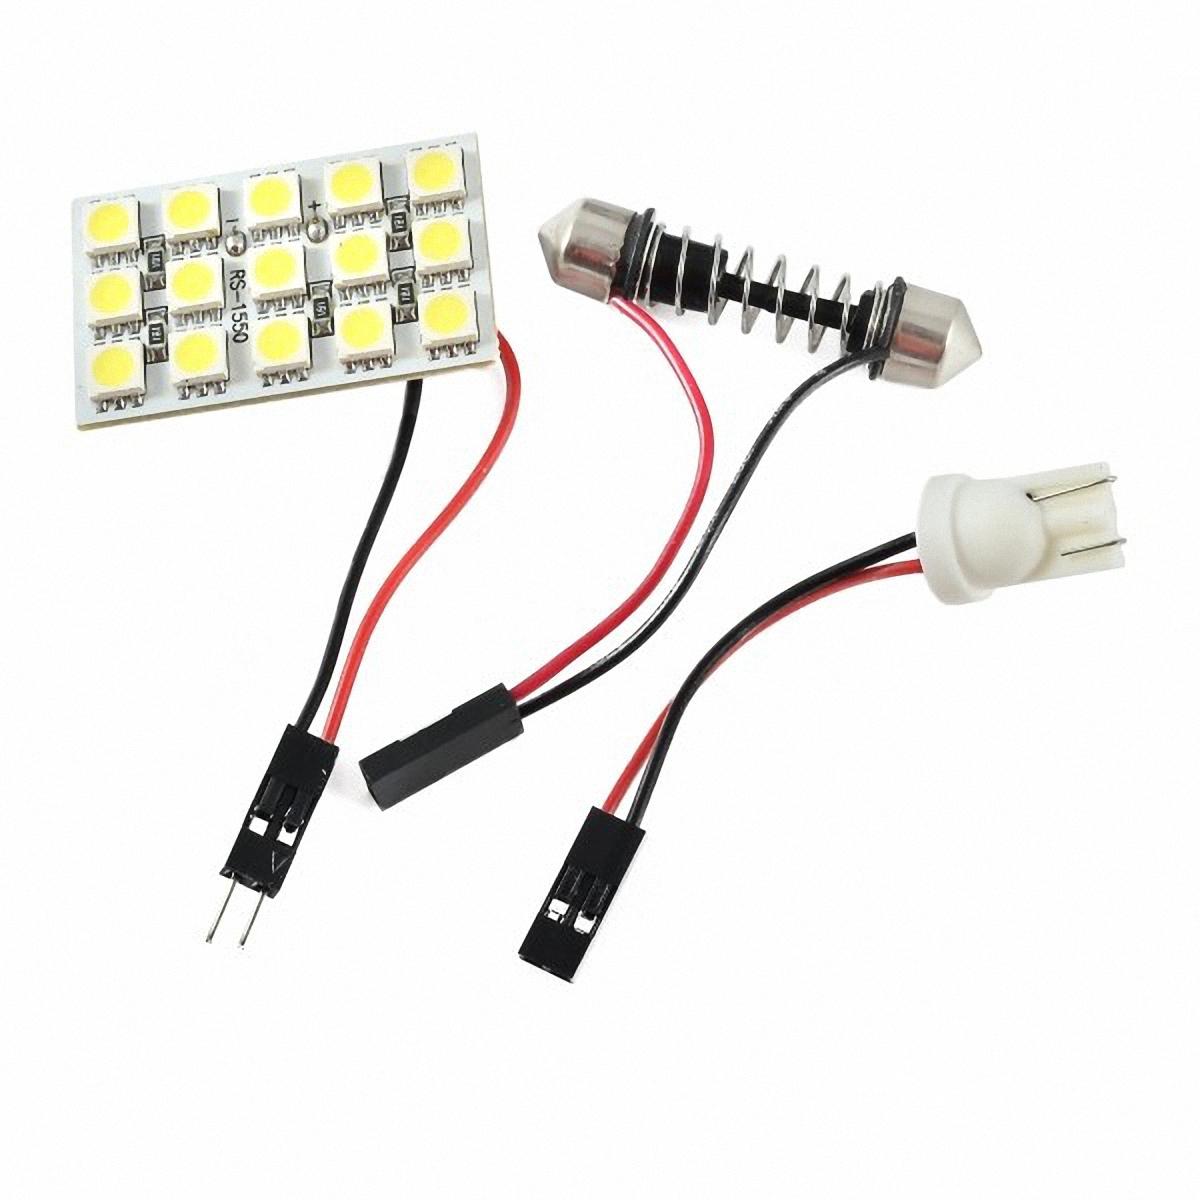 Skyway Панель светодиодная 15 SMD диодов Белая. SCX-1550SCX-1550Светодиодные панели имеют значительно больший срок службы, потребляют намного меньше электроэнергии и выдают свет значительно мягче и ровнее, чем те же люминесцентные лампы, не говоря уже о лампах накаливания. Они очень удобны, легко вставляются и достаточно практичны.